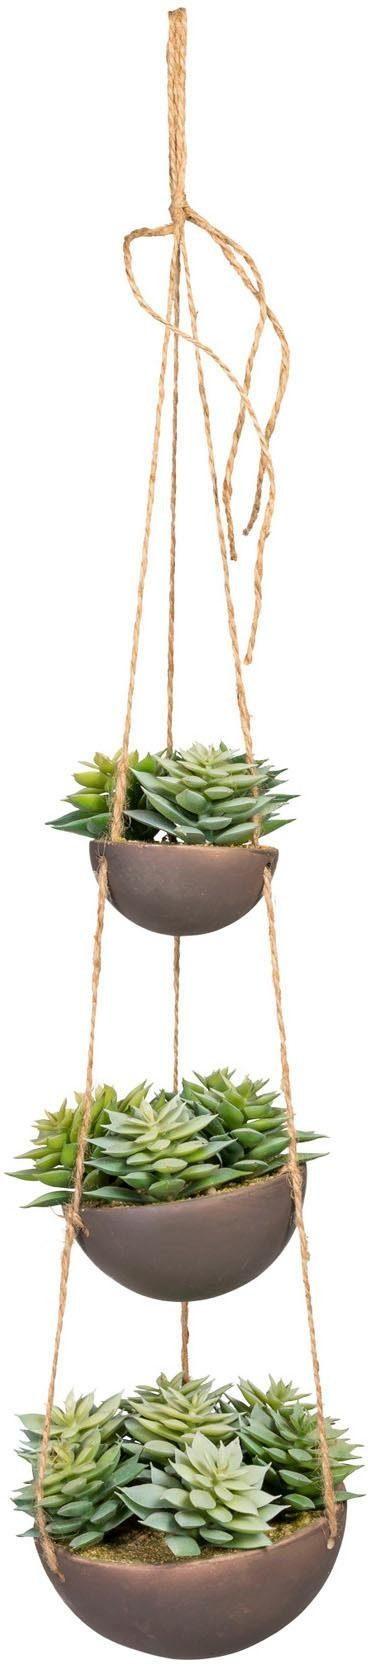 Künstliche Zimmerpflanze »Sukkulenten«arrangement, ca. 40 cm